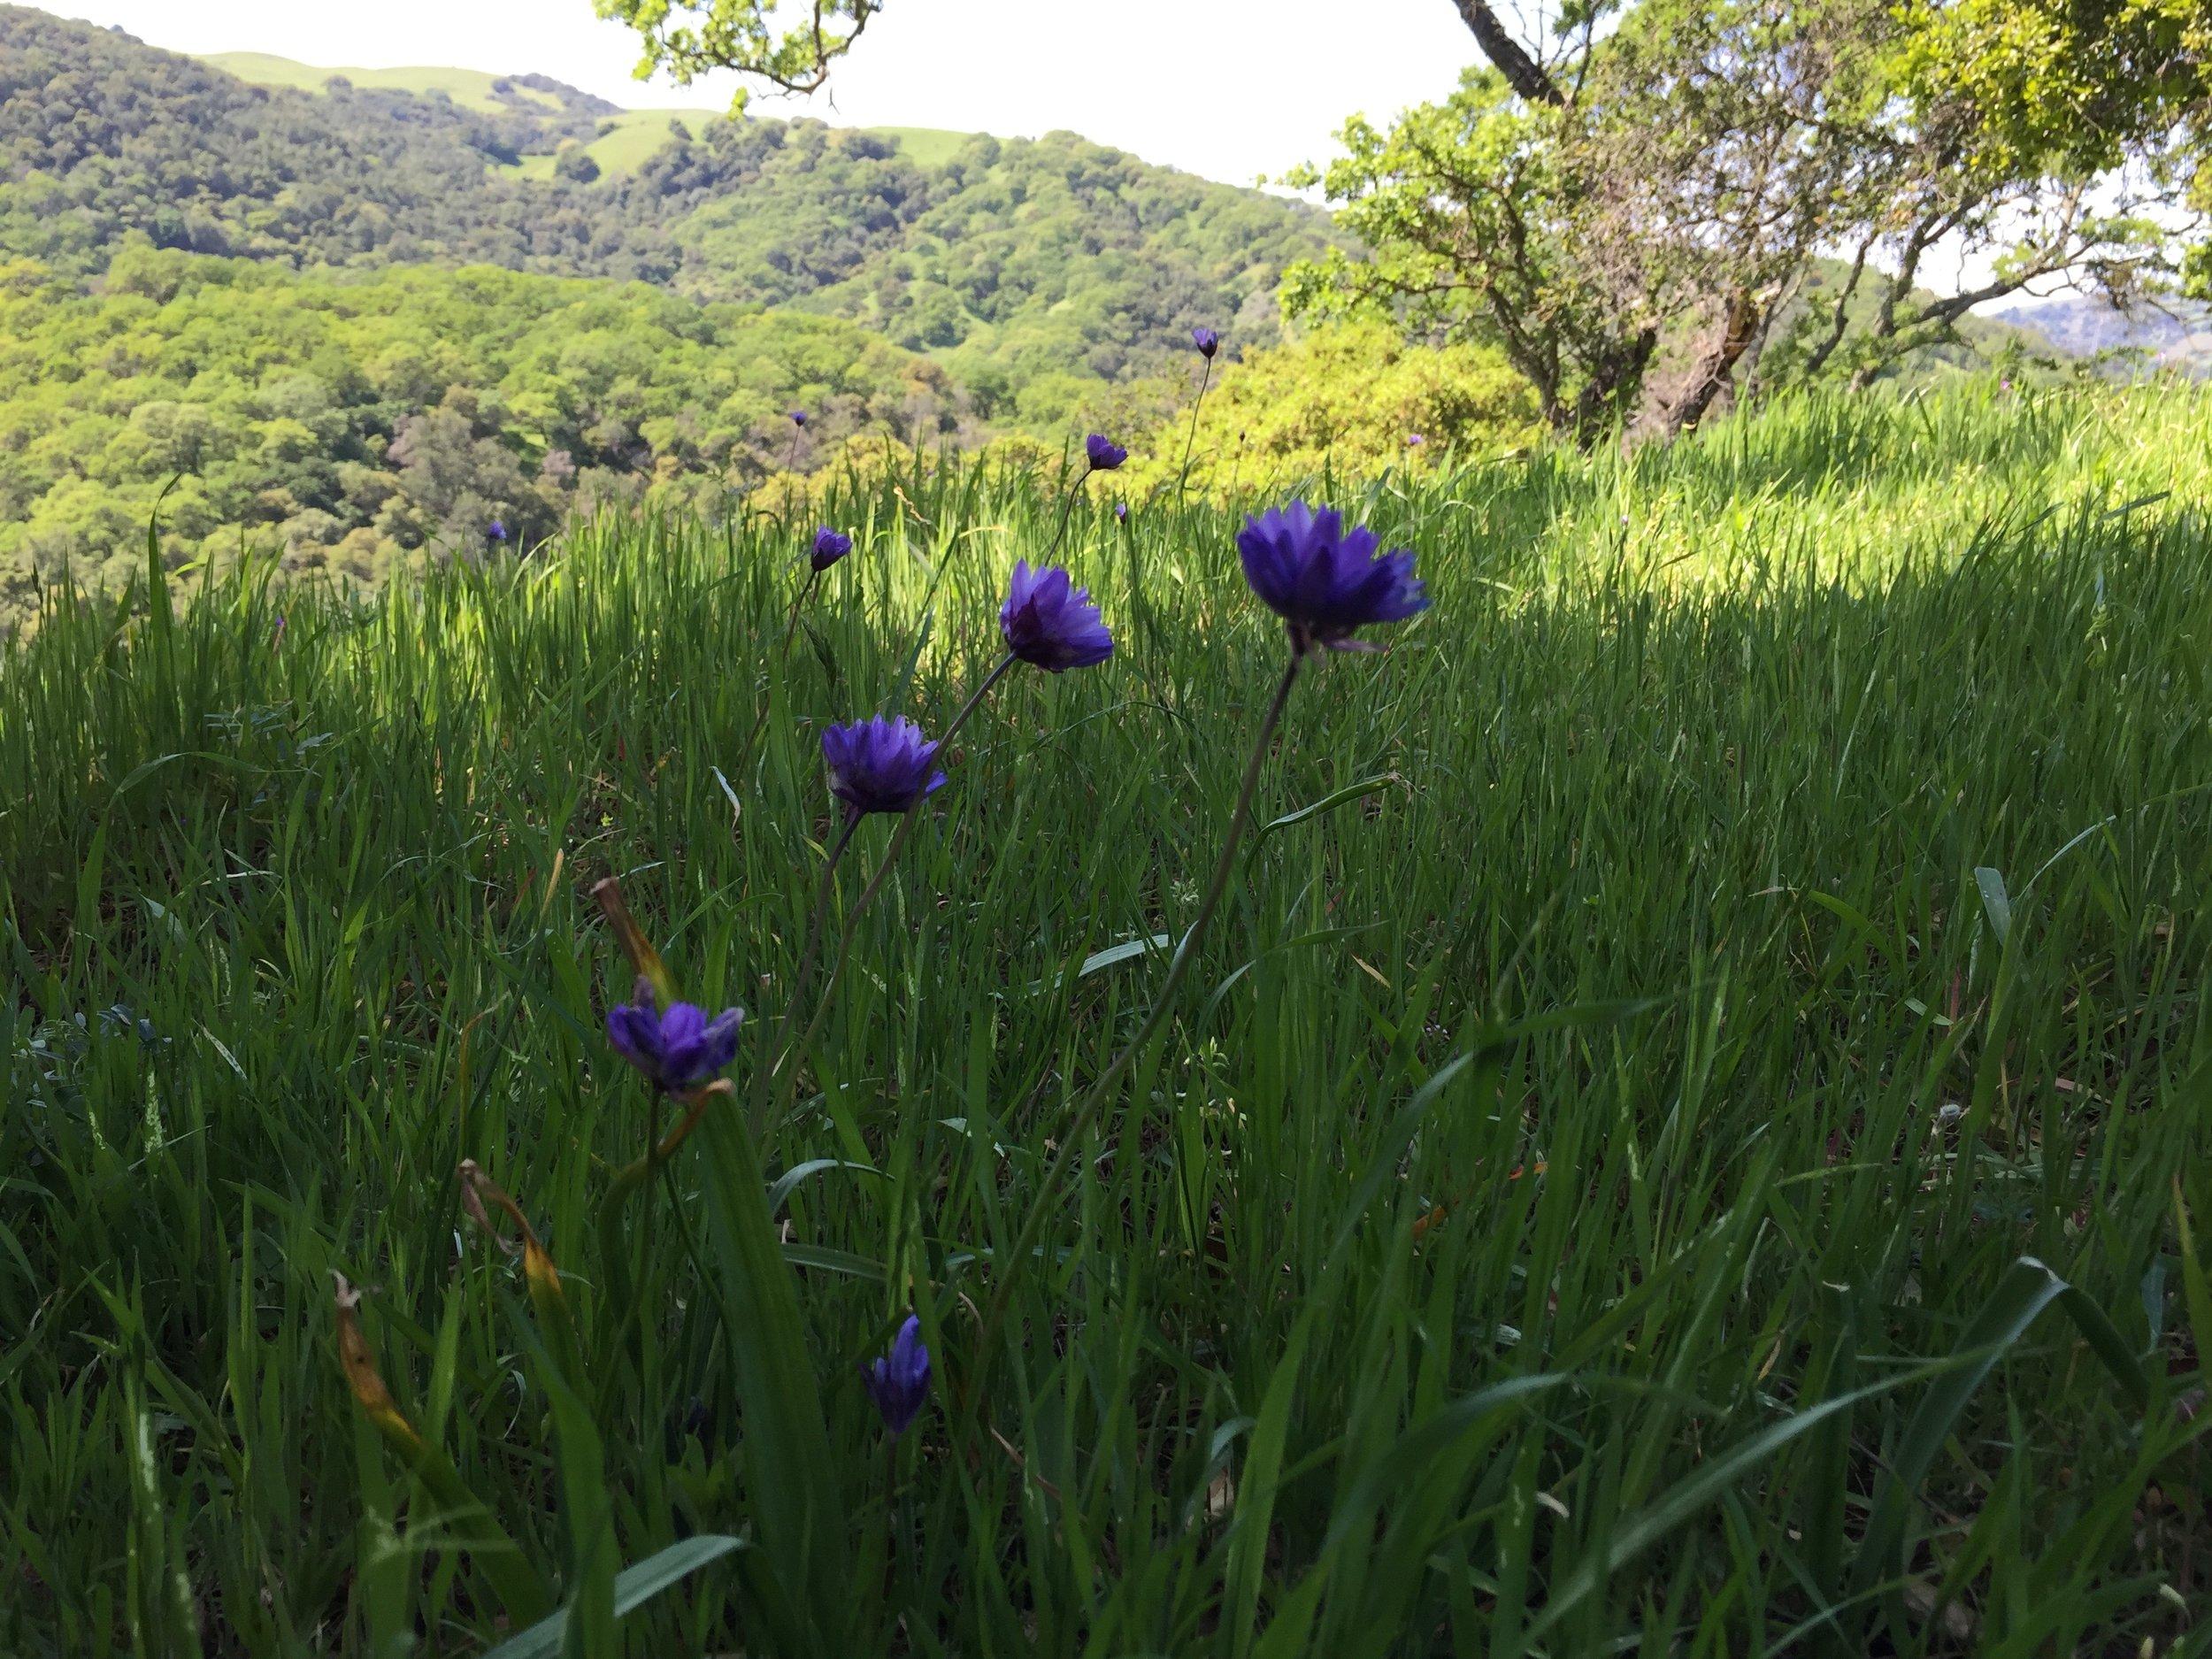 Dichelostemma capitatum  (common name, Blue Dicks), in Briones